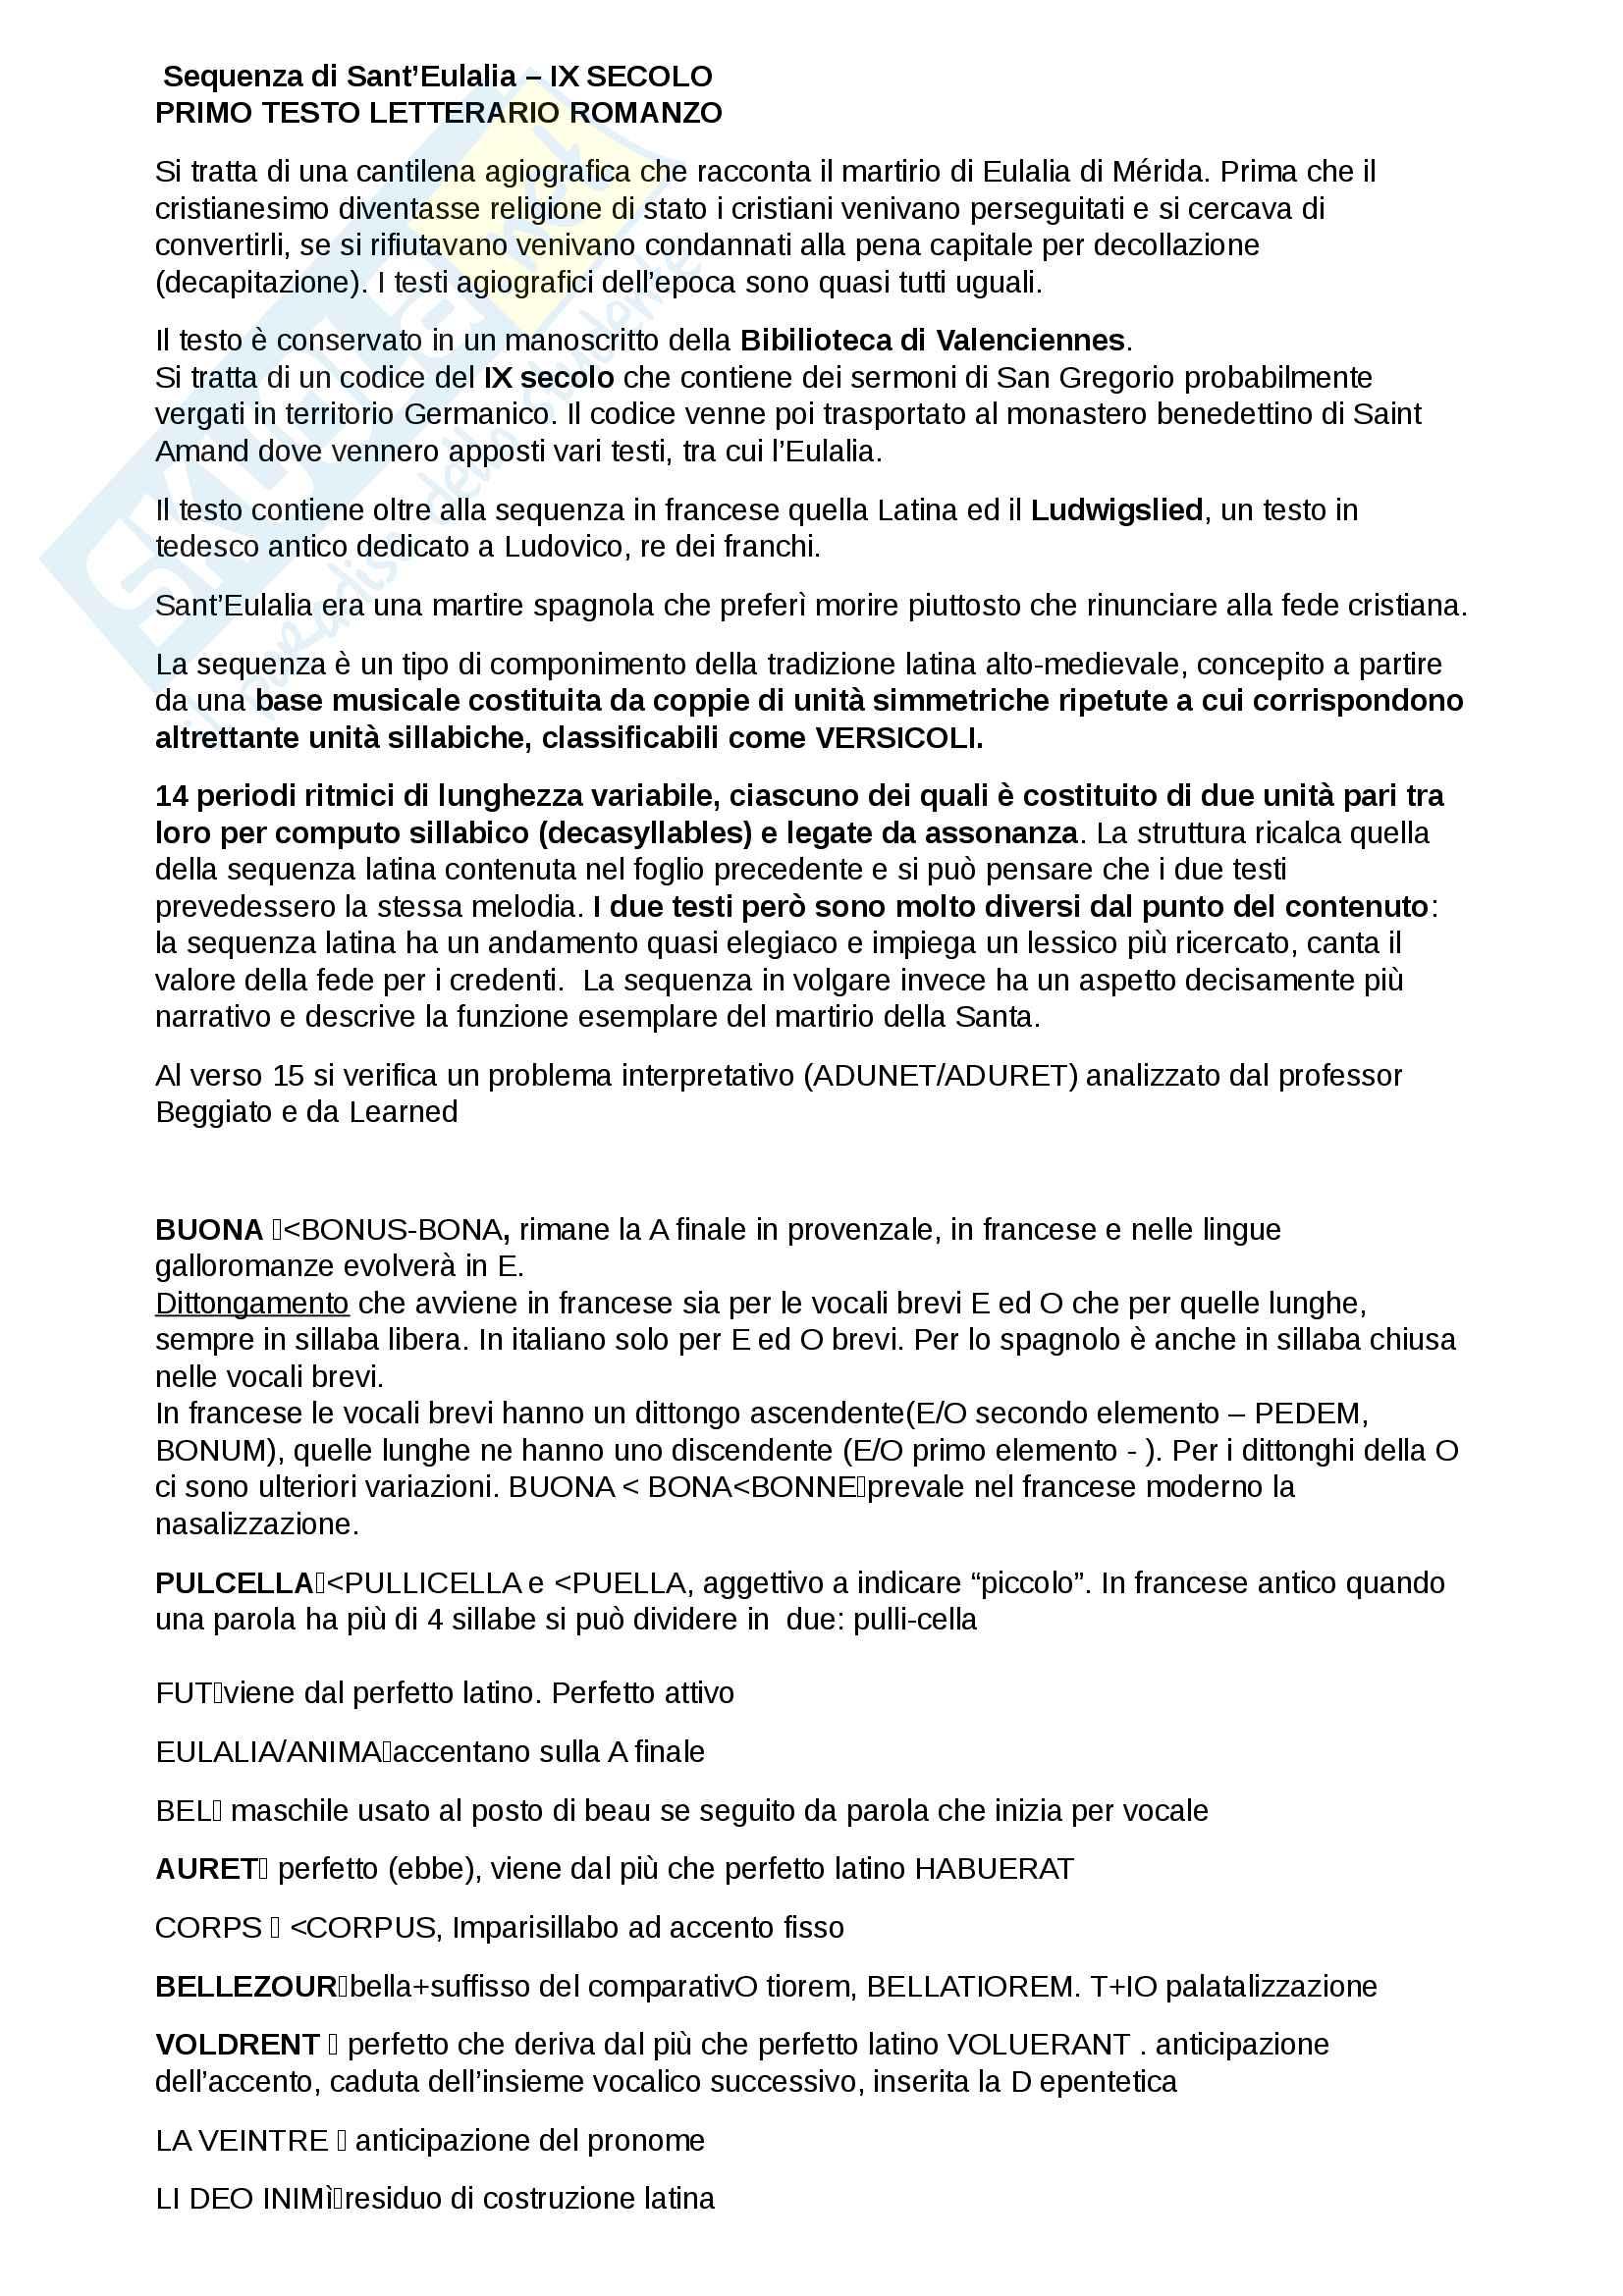 Sequenza di Sant'Eulalia - contesto storico, analisi metrica, analisi linguistica